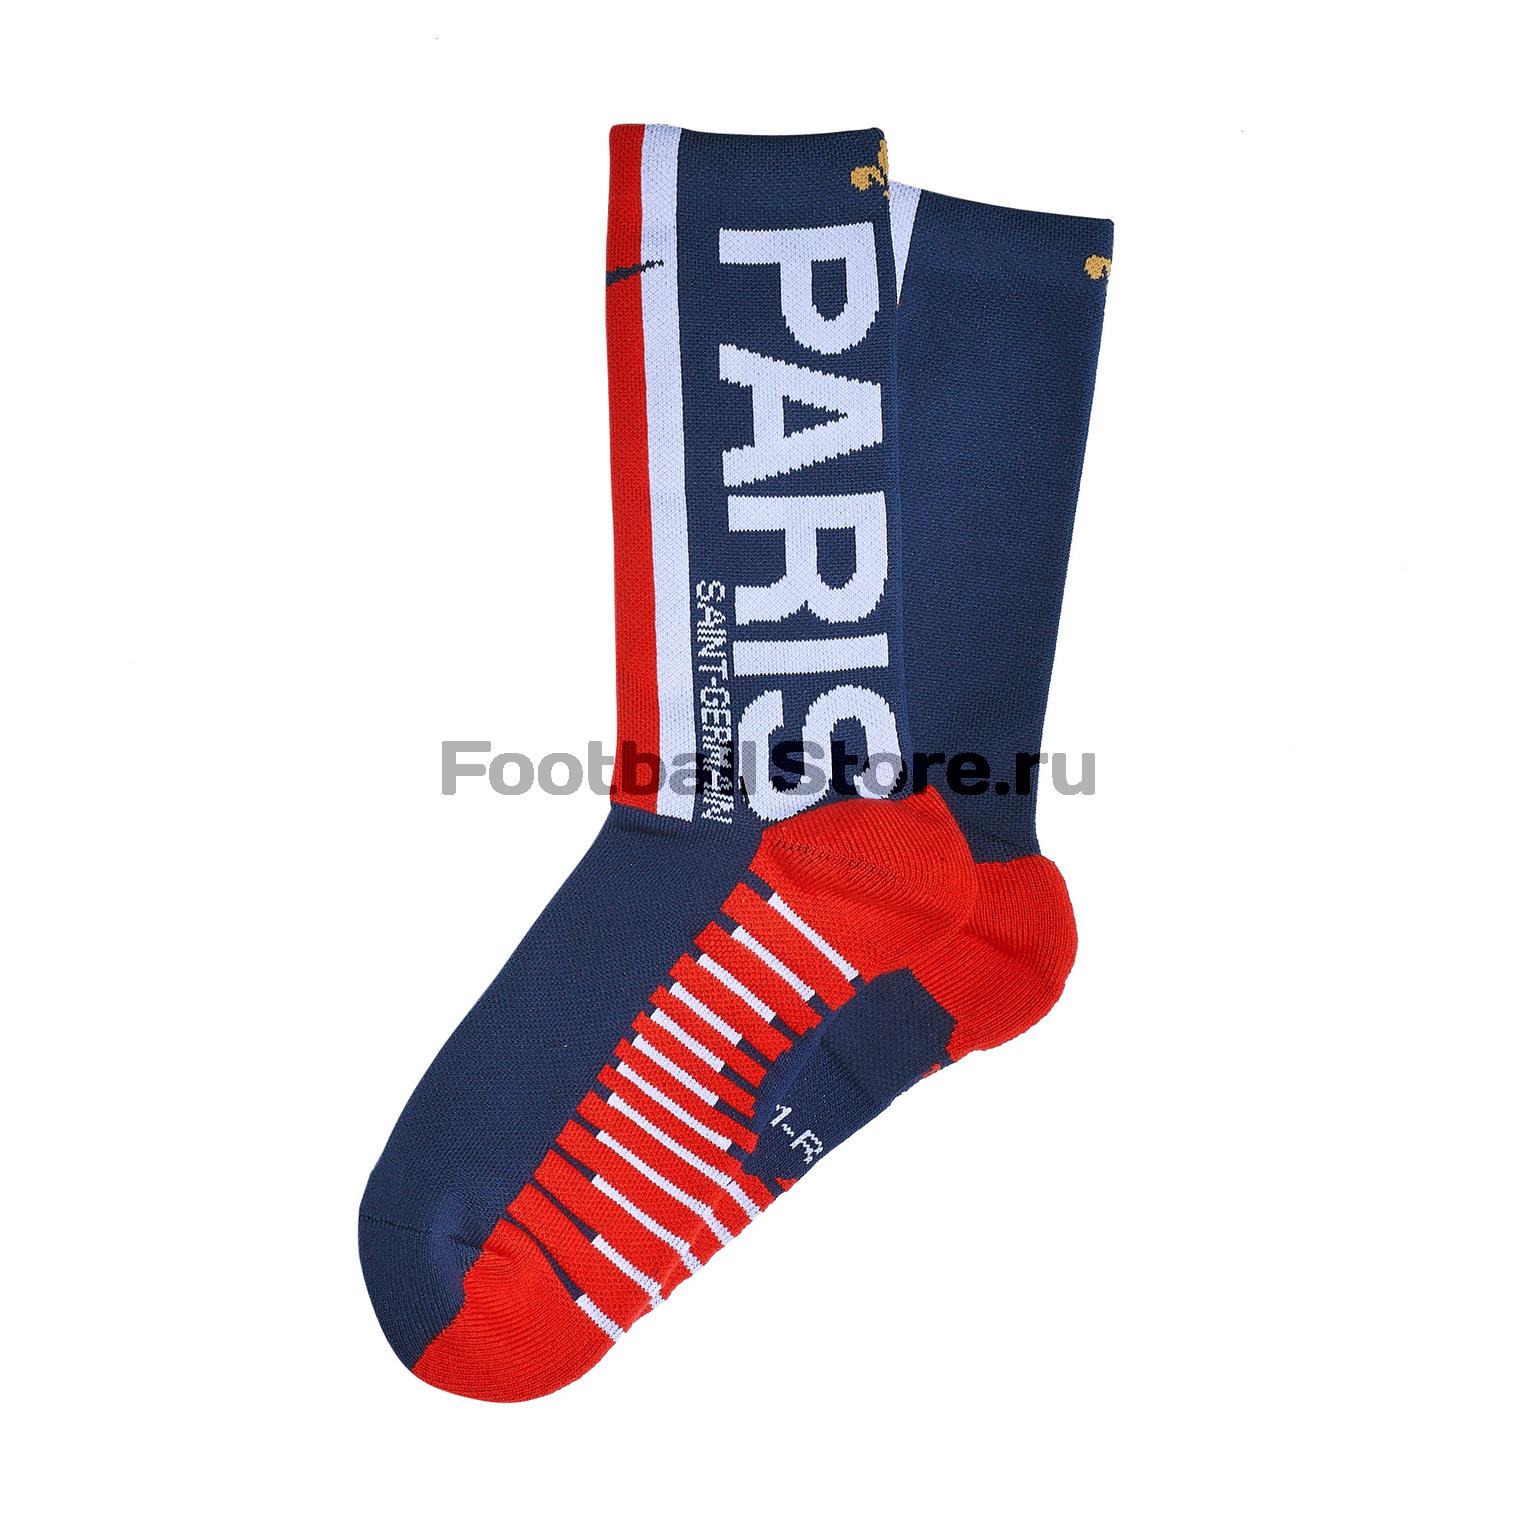 Носки Nike PSG SX7561-410 носки nike носки running dri fit cushion dynamic arch quarter